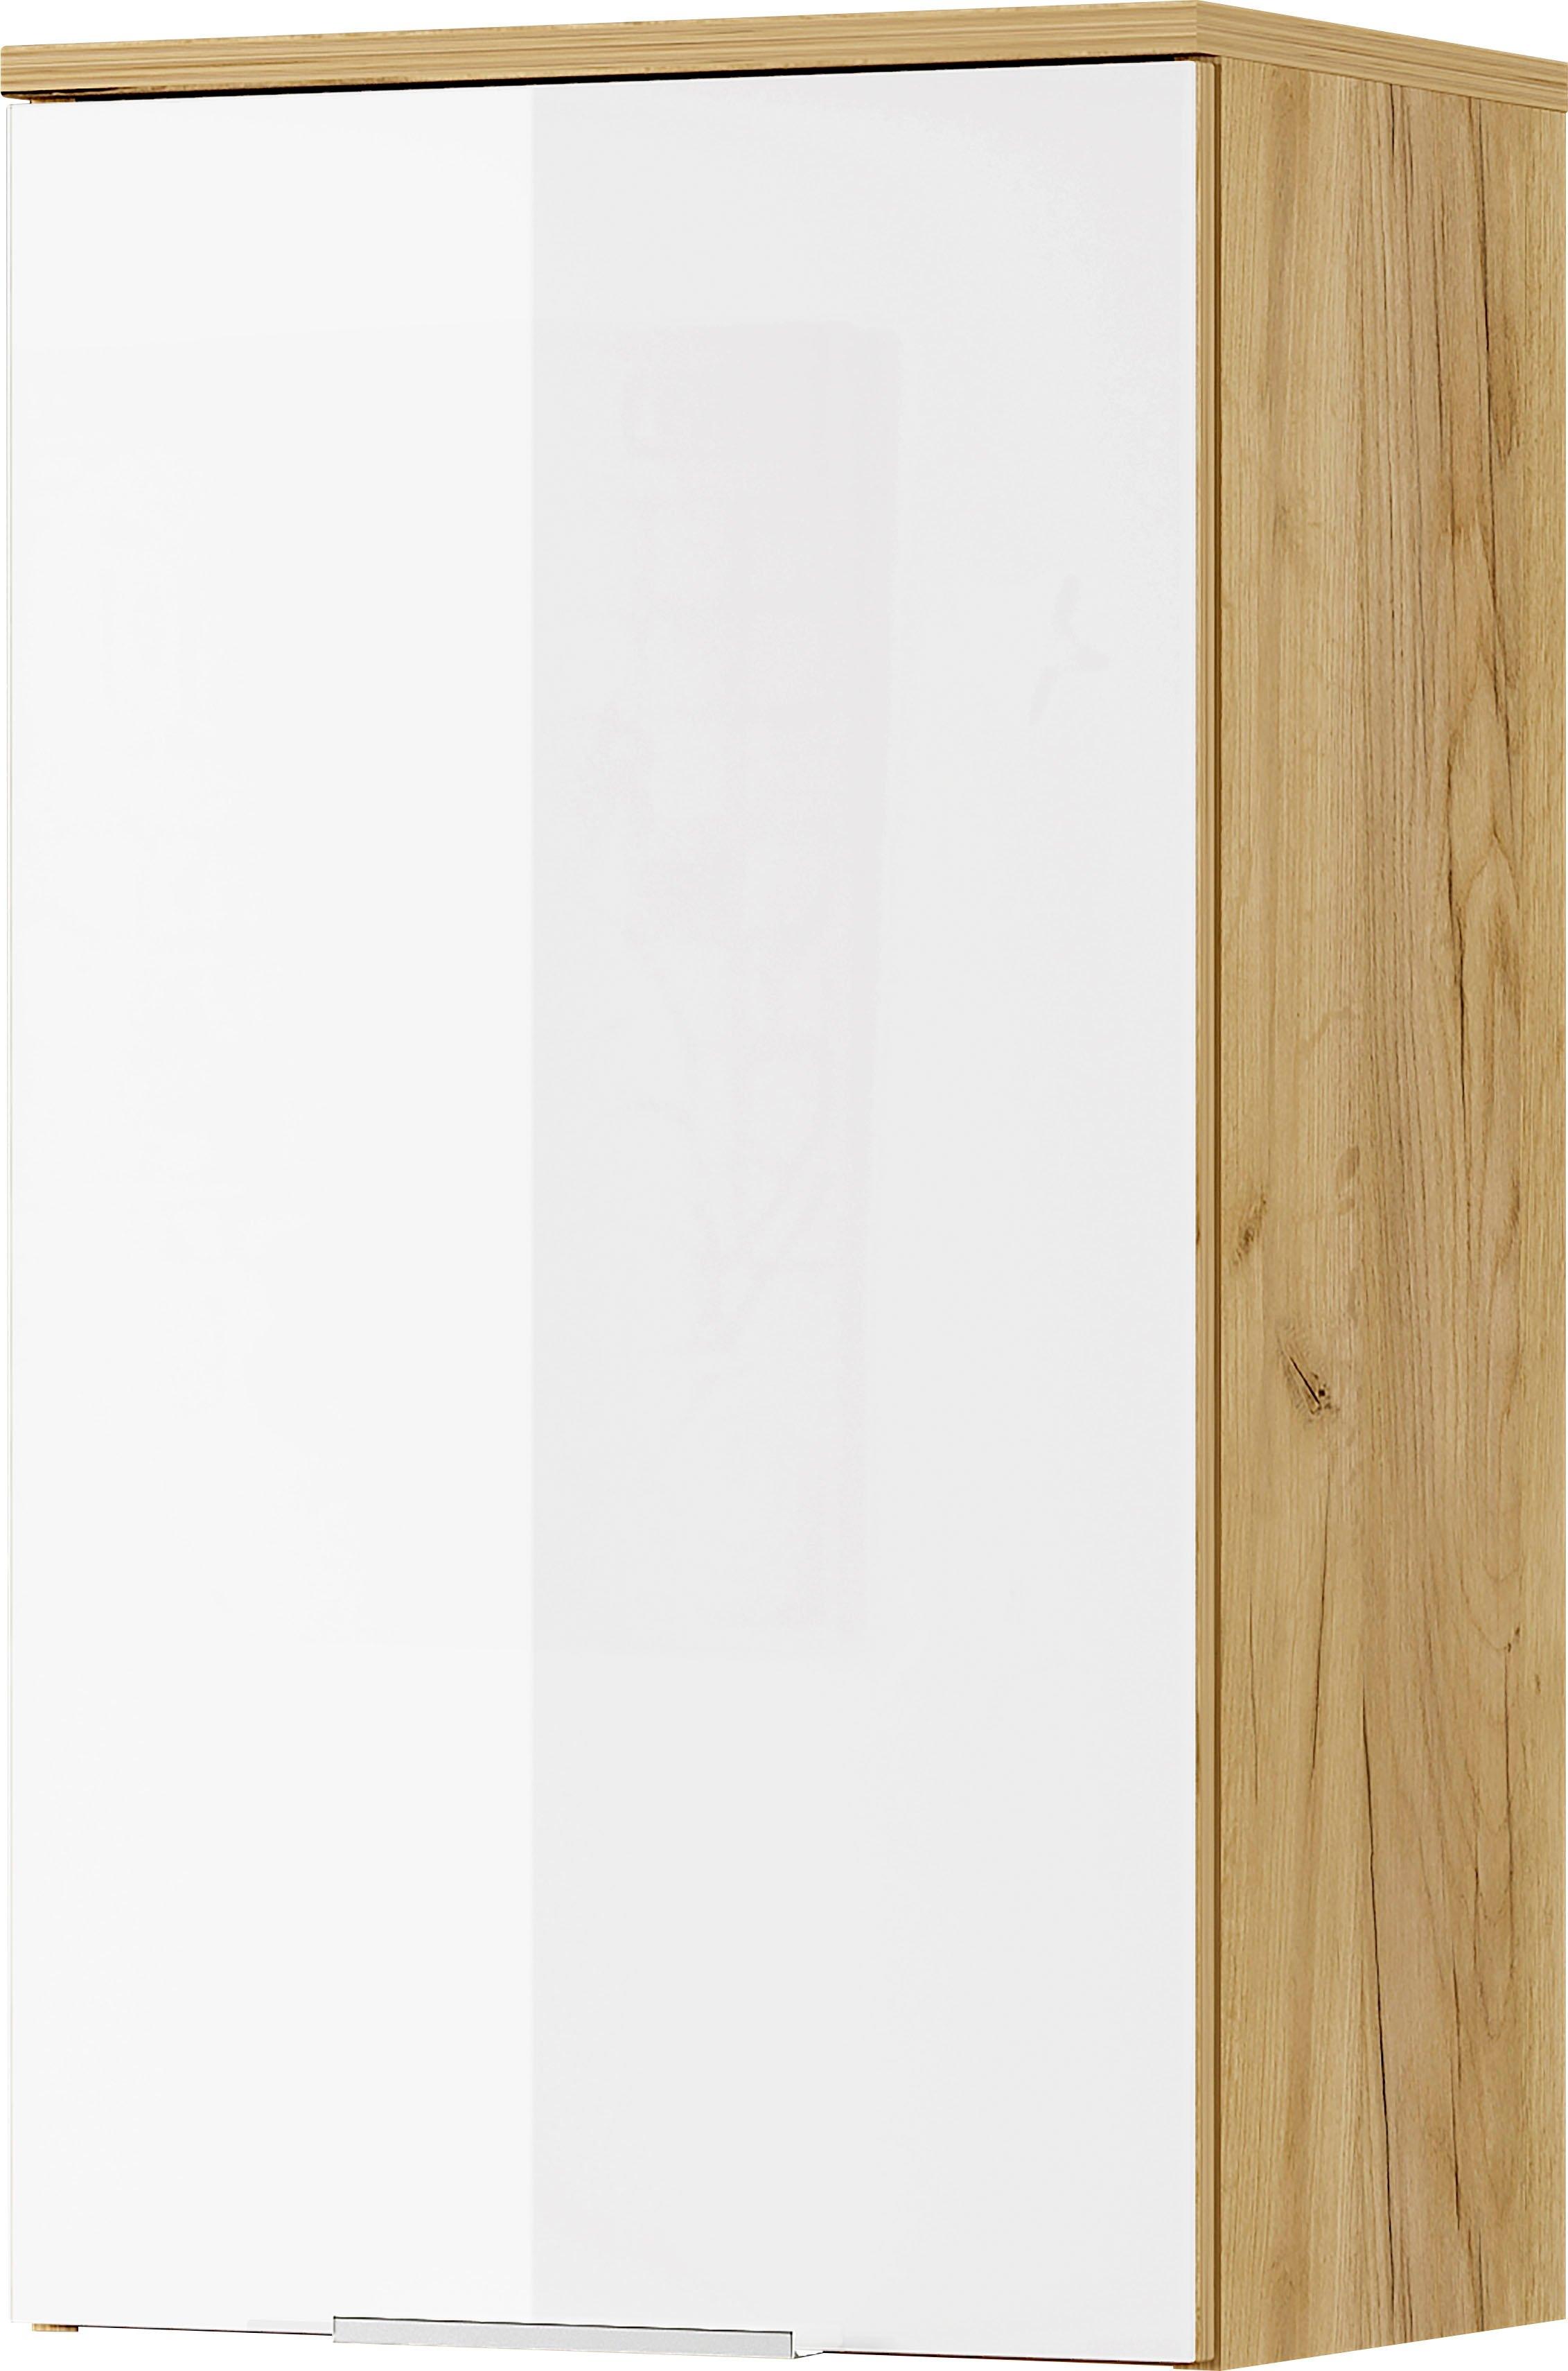 GERMANIA hangend kastje Avino Breedte 39 cm, glazen front, soft-closefunctie veilig op otto.nl kopen